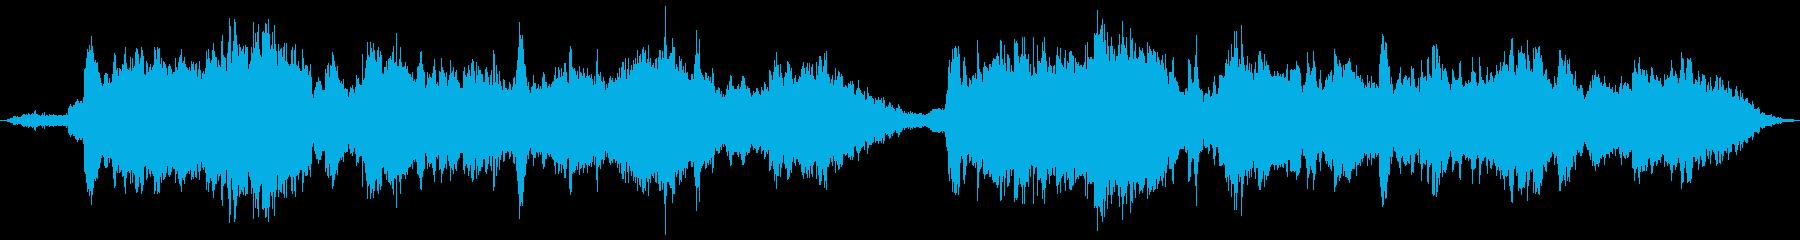 幻想的な即興インスト曲の再生済みの波形